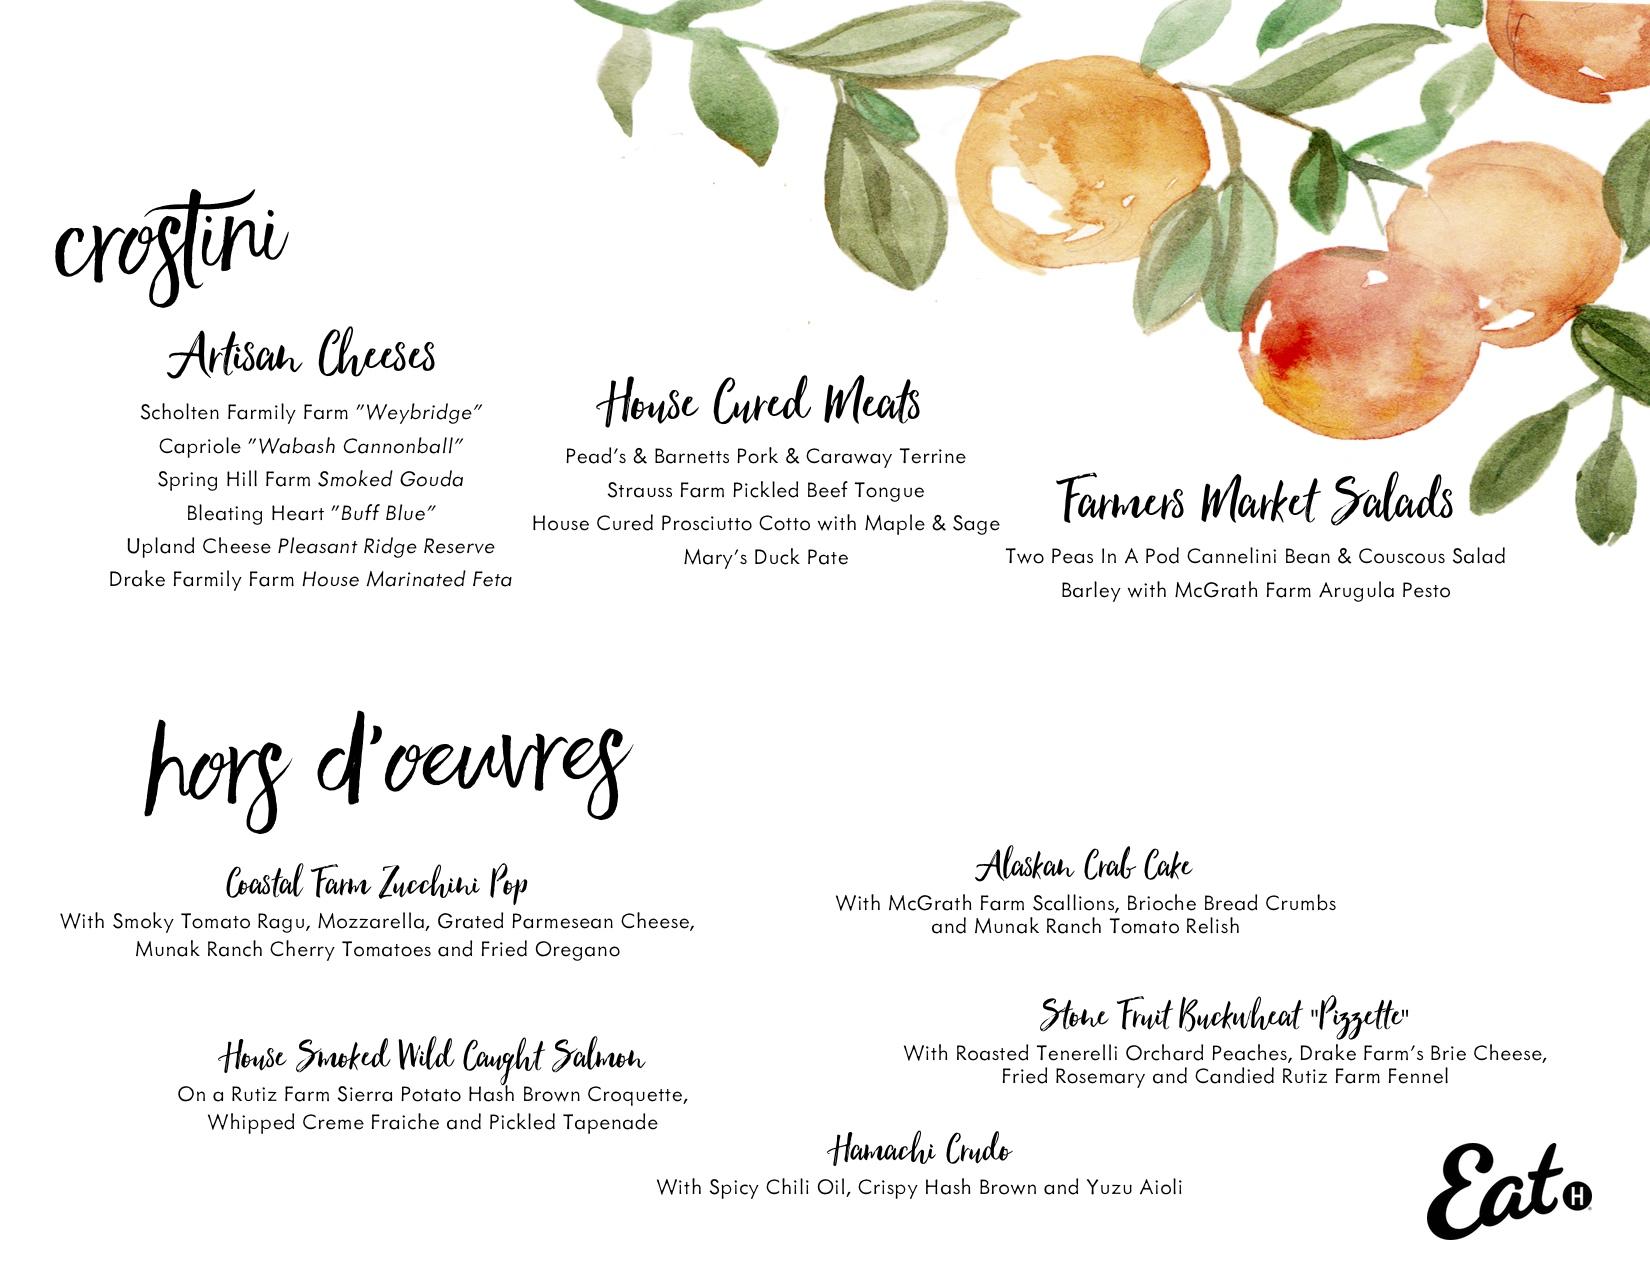 tasting-menu-heirloom-la-catering-los-angeles-design